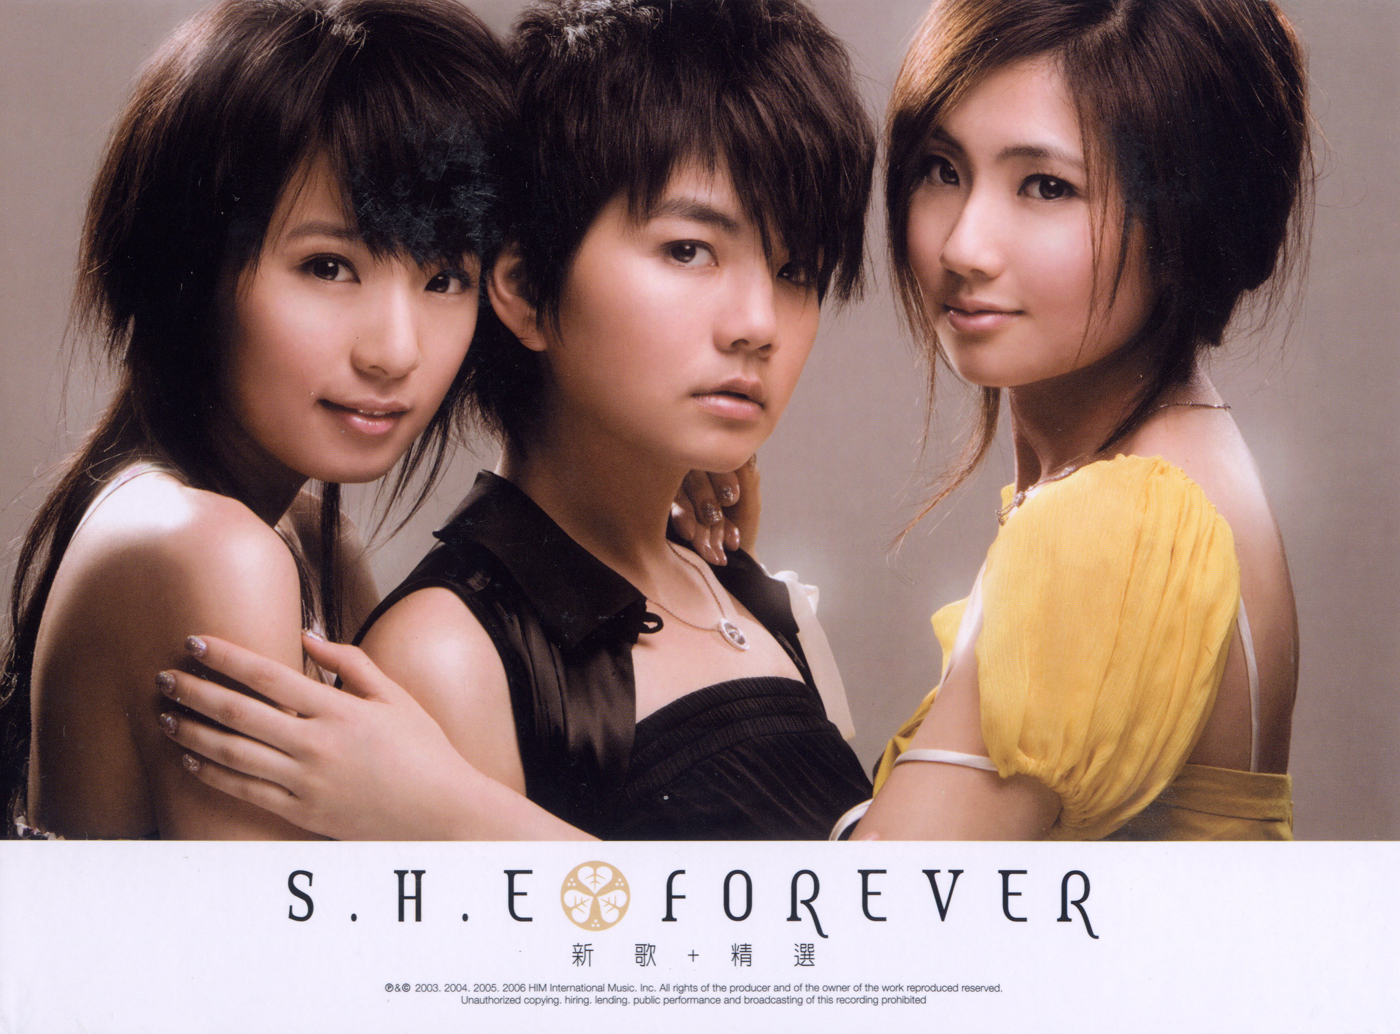 20180603.1445.1 S.H.E - Forever (DVD) (JPOP.ru) cover.jpg